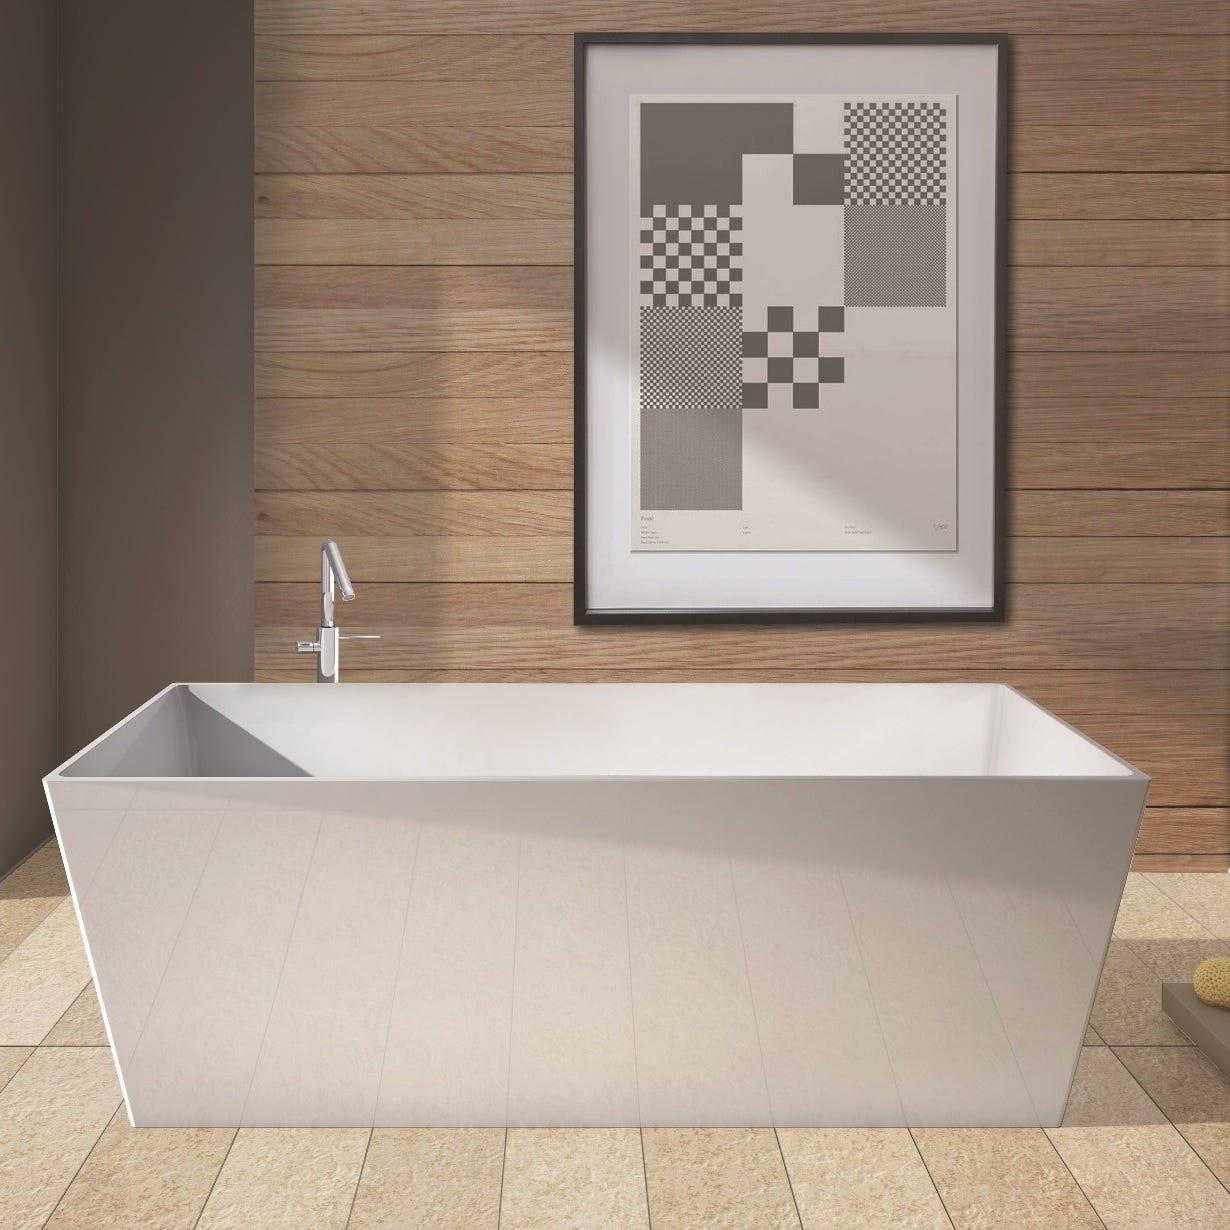 Vasca da bagno da design moderno quadra modello york in - Vasca da bagno quadrata ...